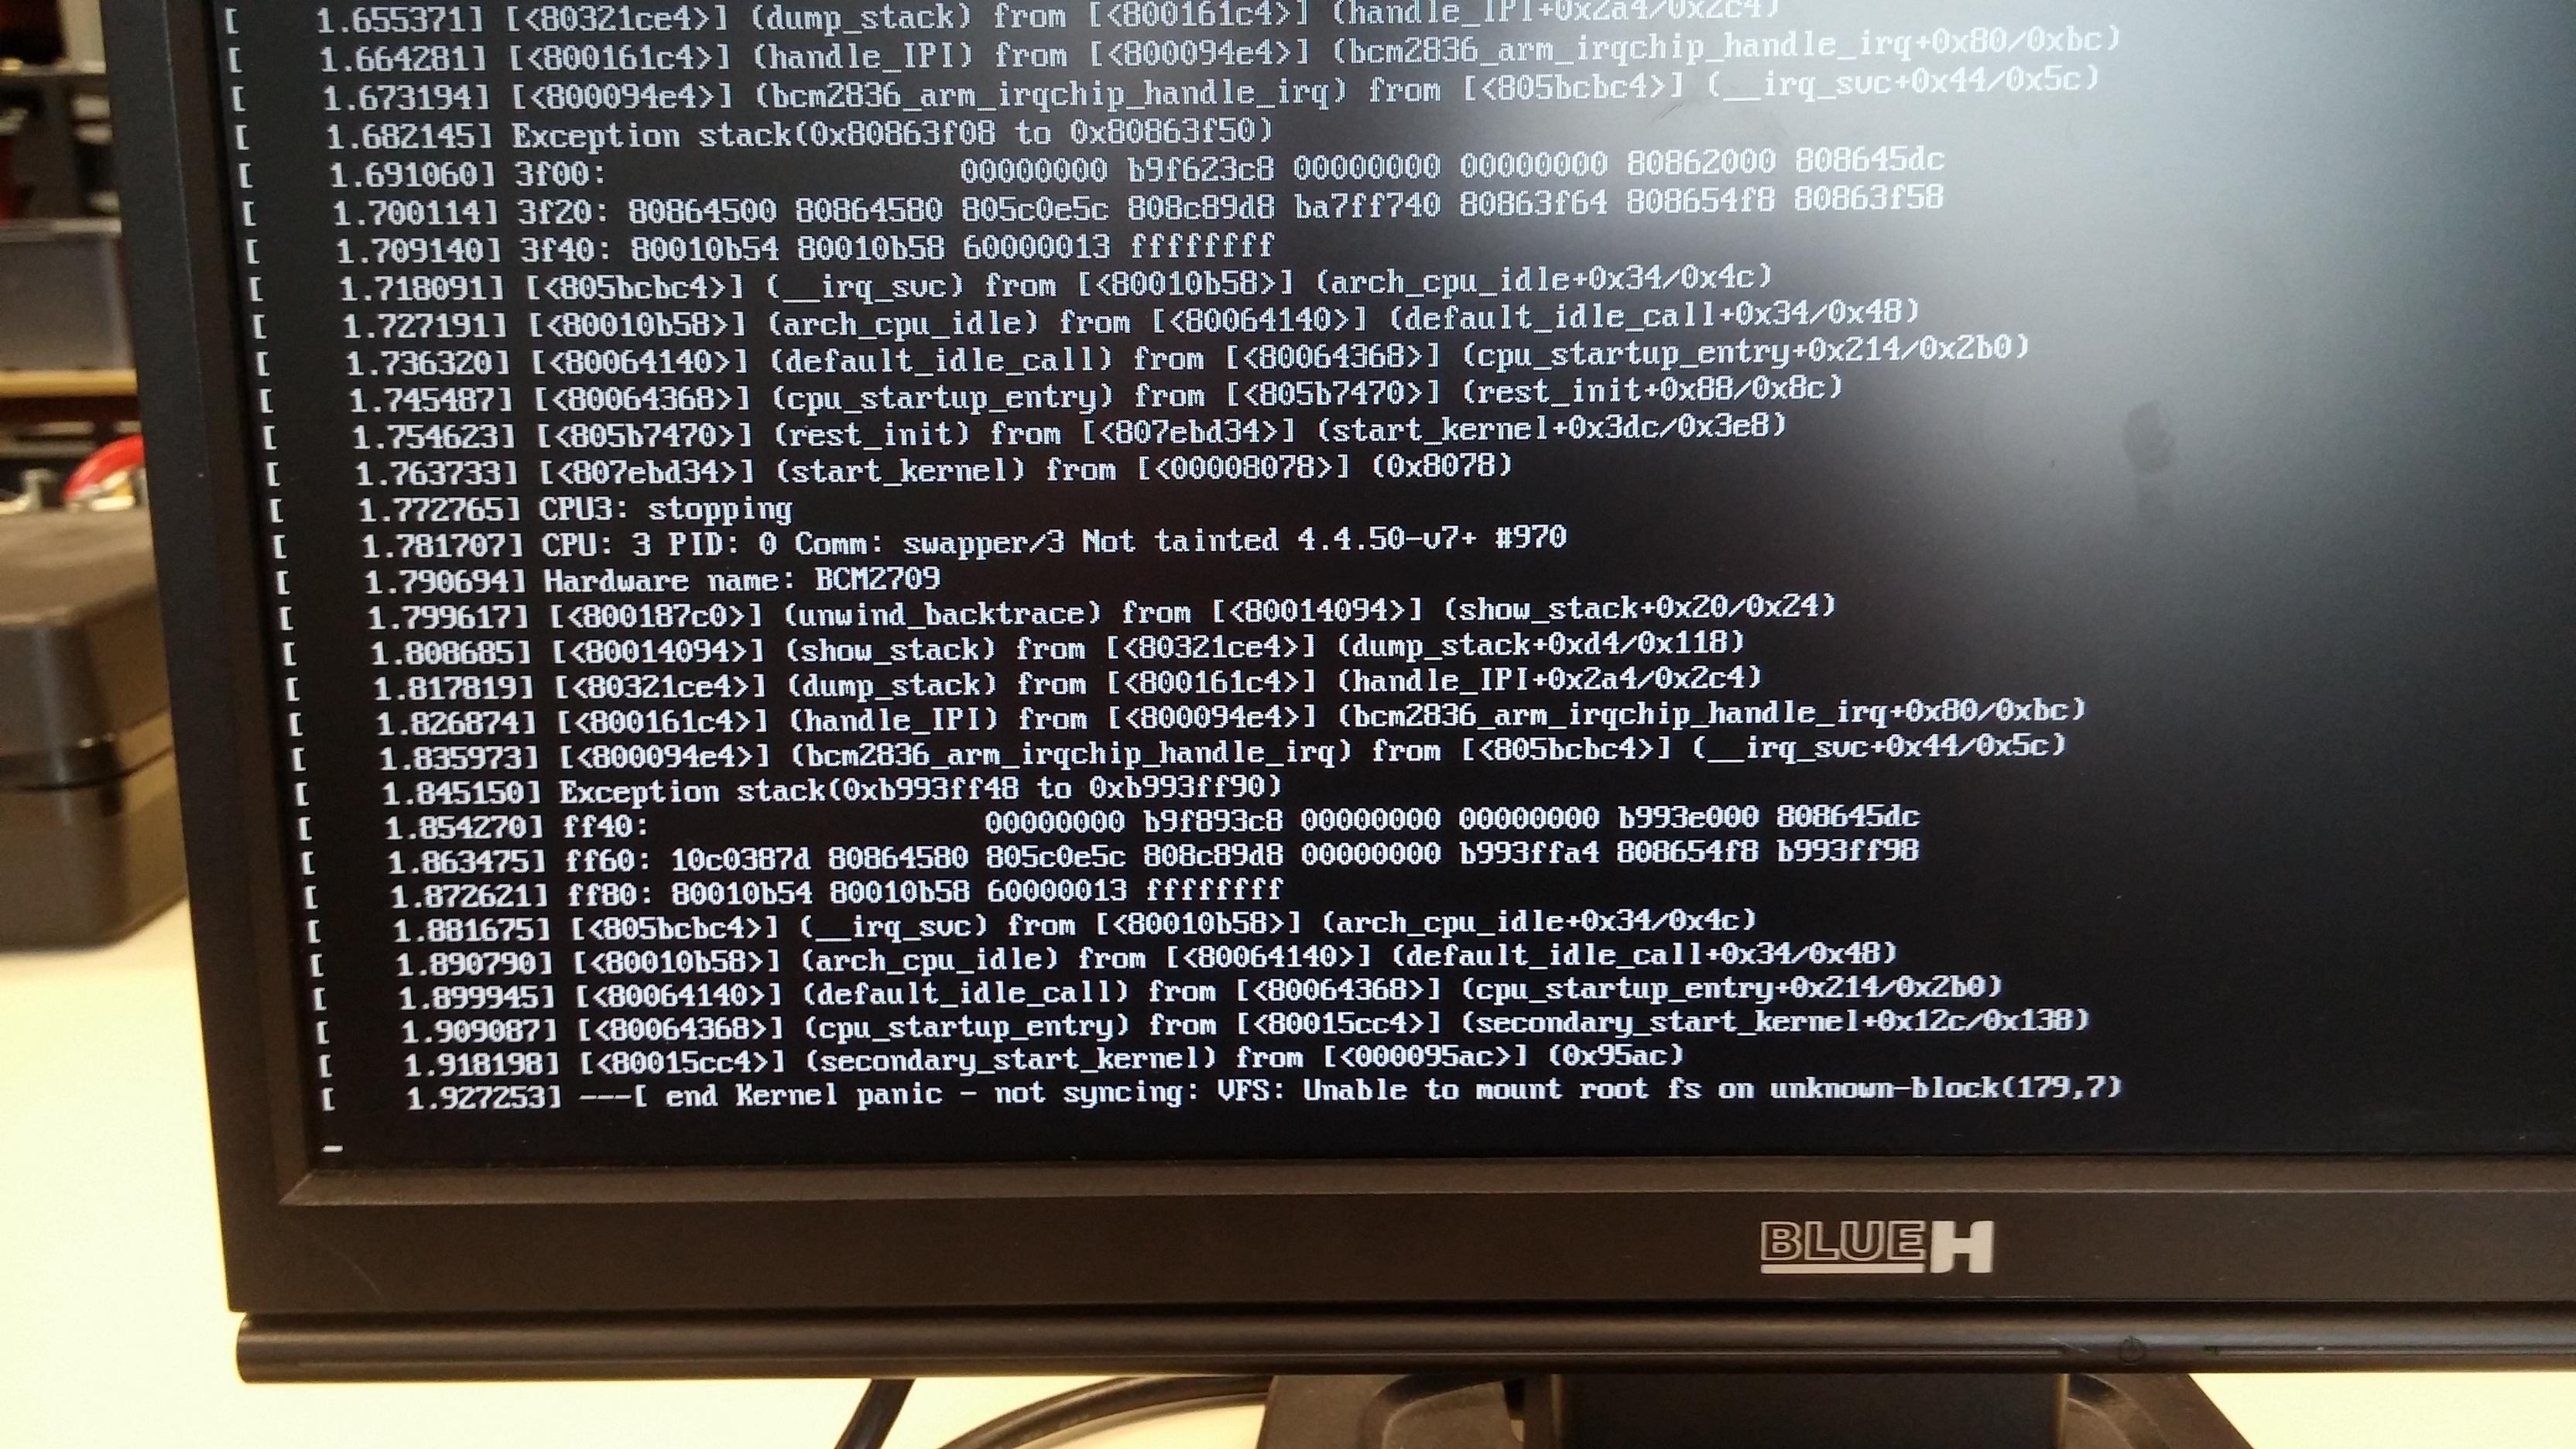 Problème au lancement de la raspberry :